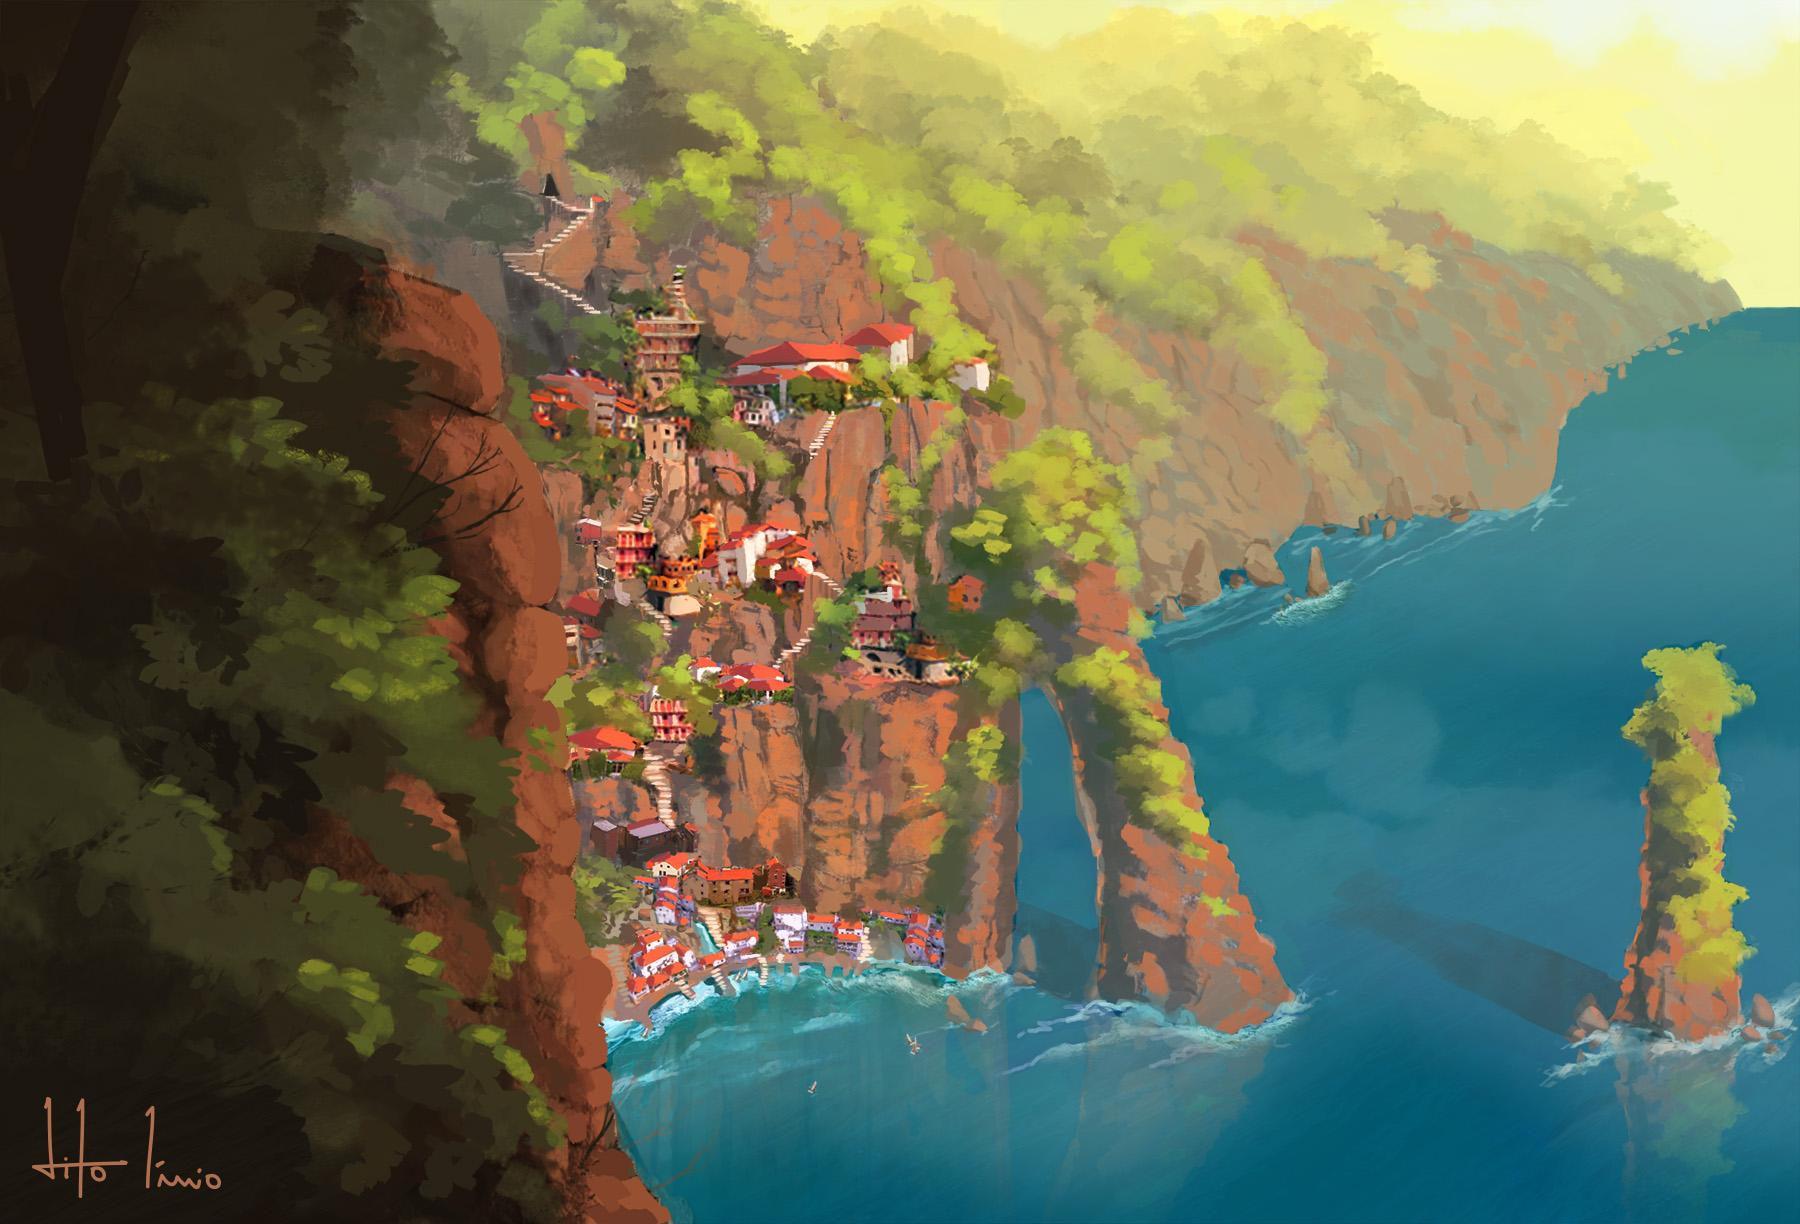 Village of Acantilado by SirTitus